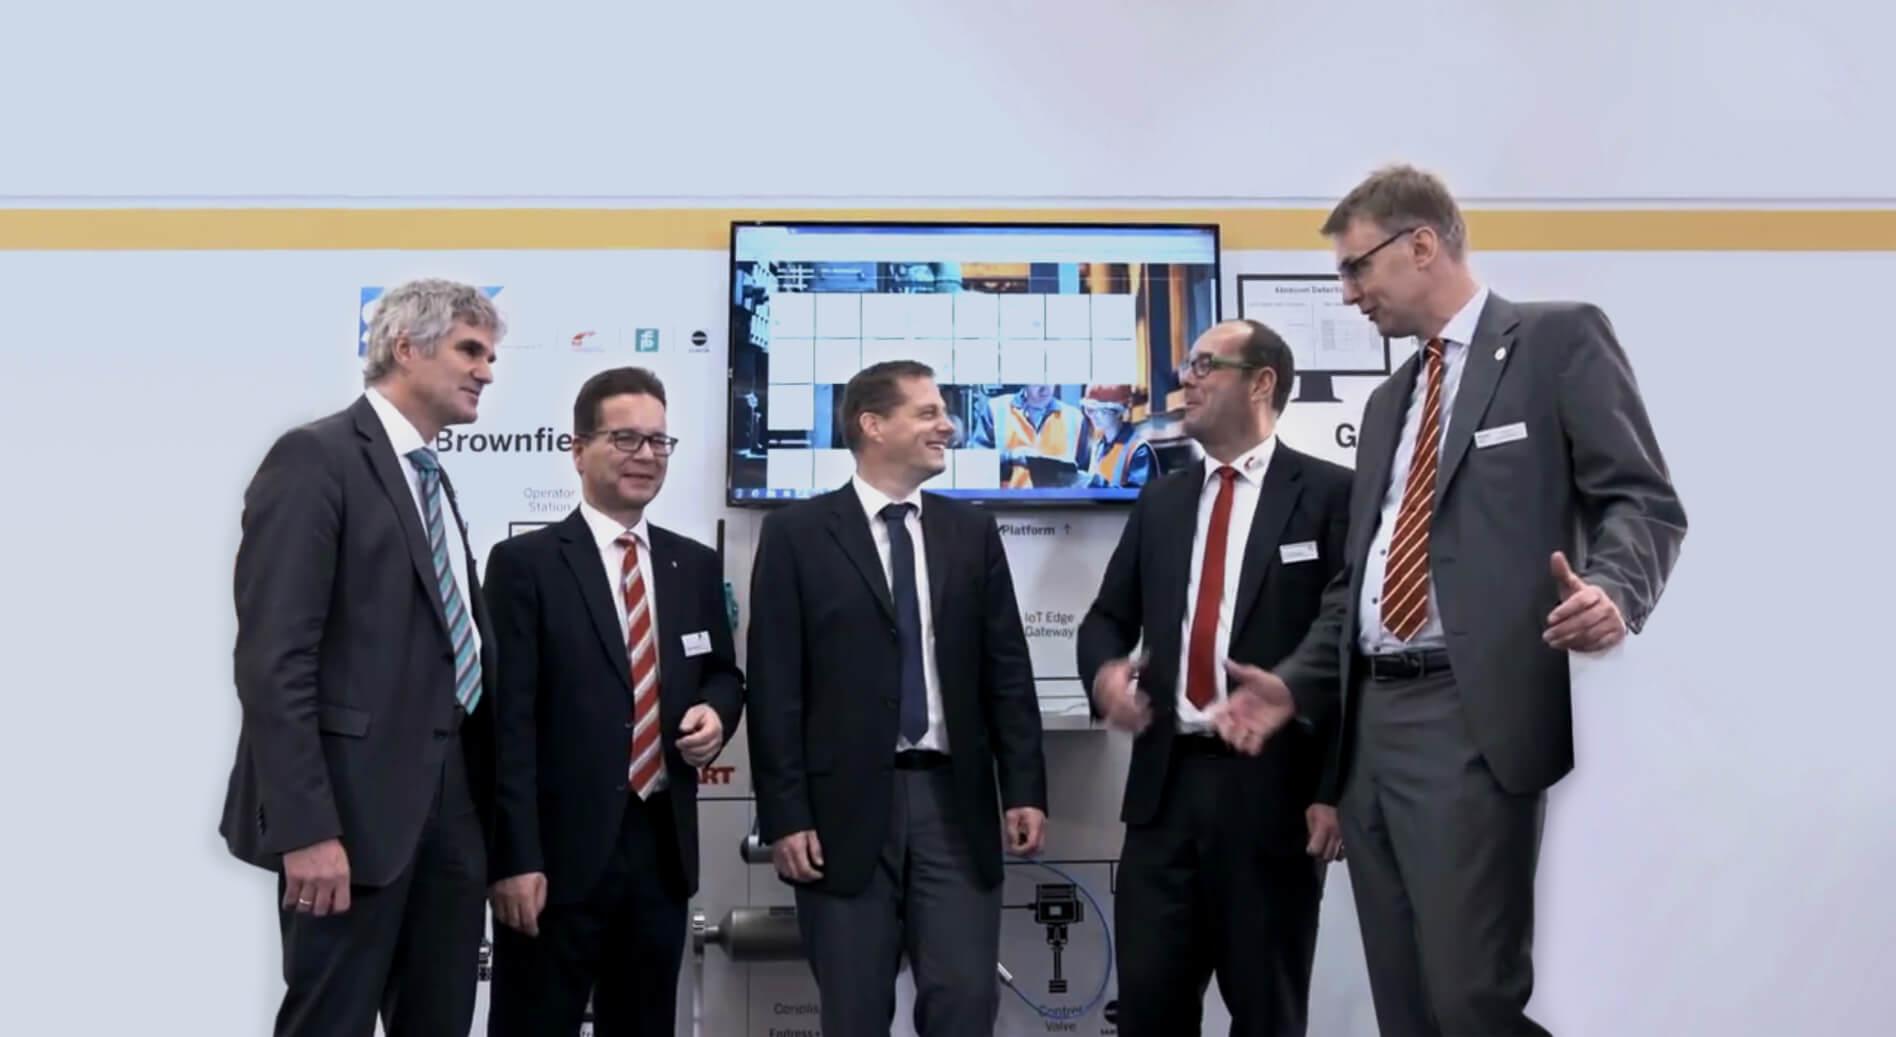 Benedikt Rauscher, Guido König, Michael Bückel, Armin Pühringer, Timothy Kaufmann